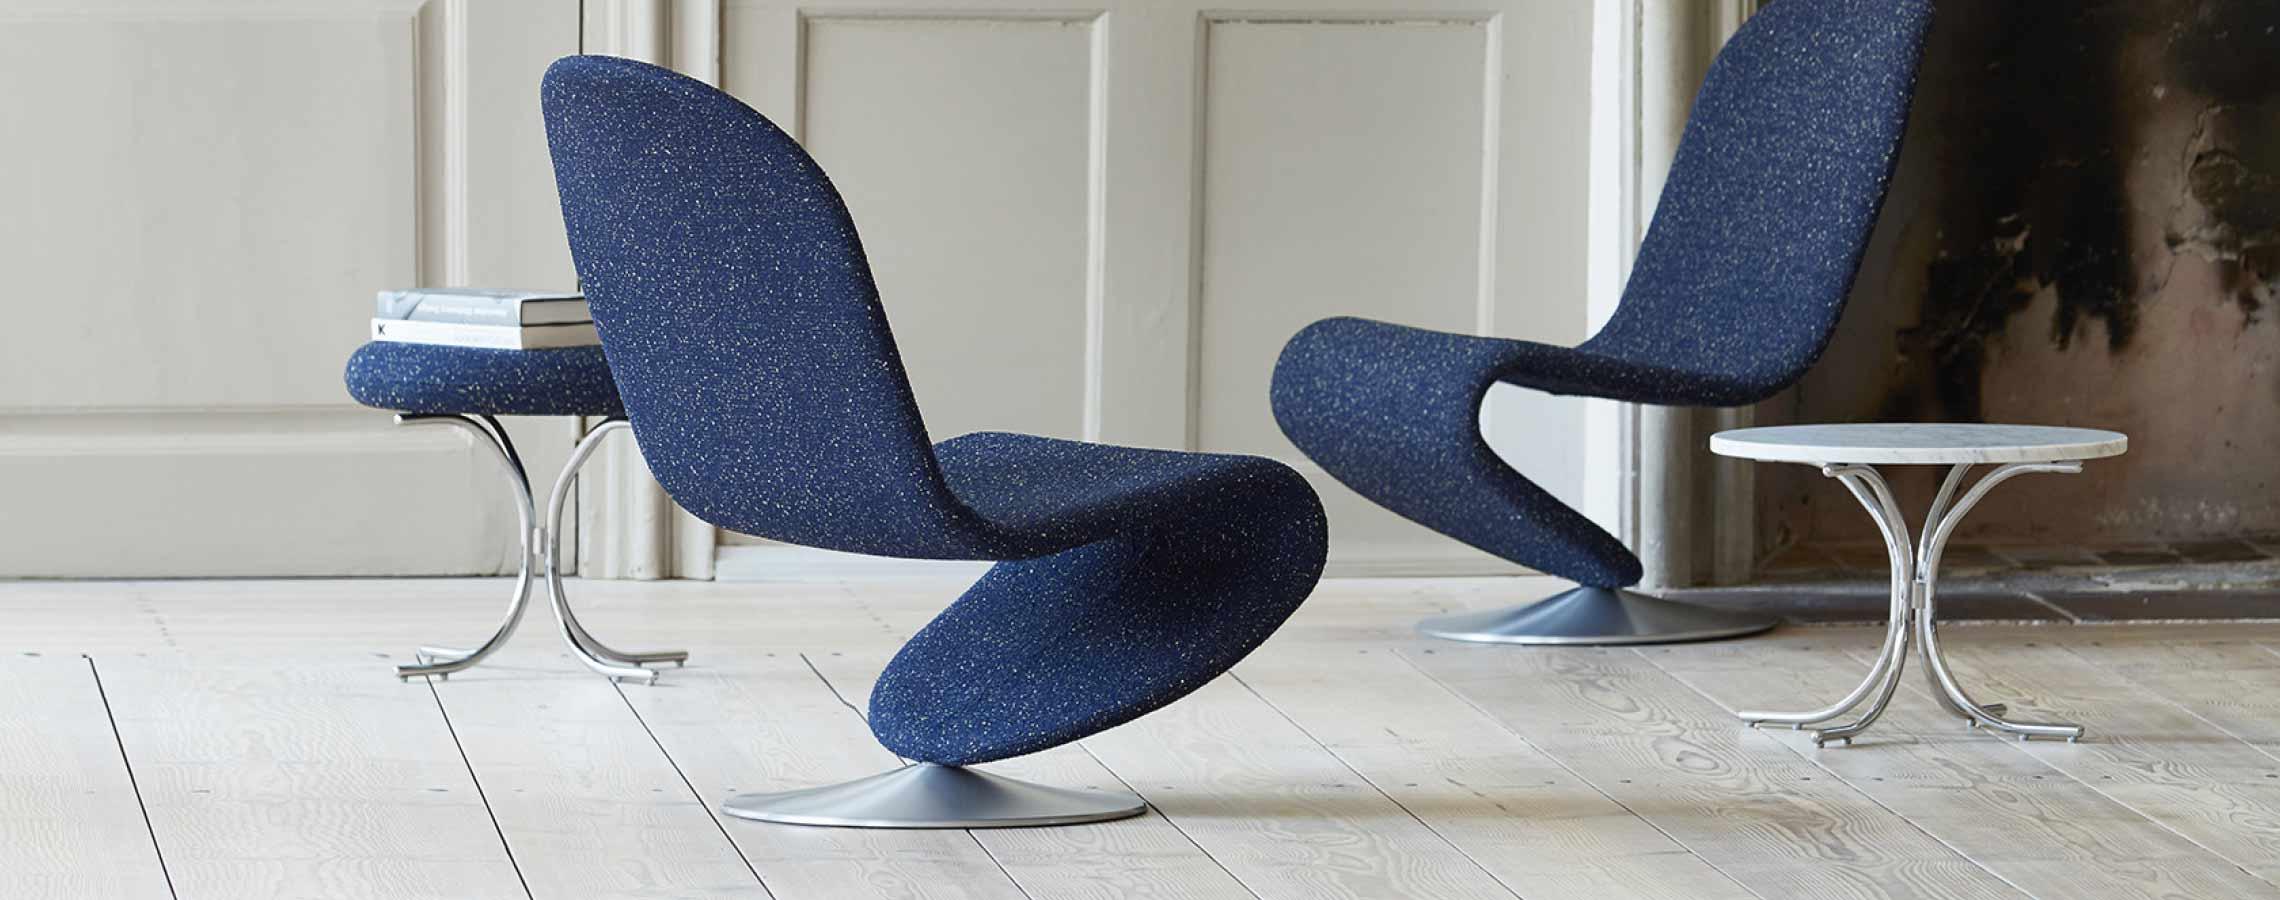 Verpan 123 lounge chair by Verner Panton